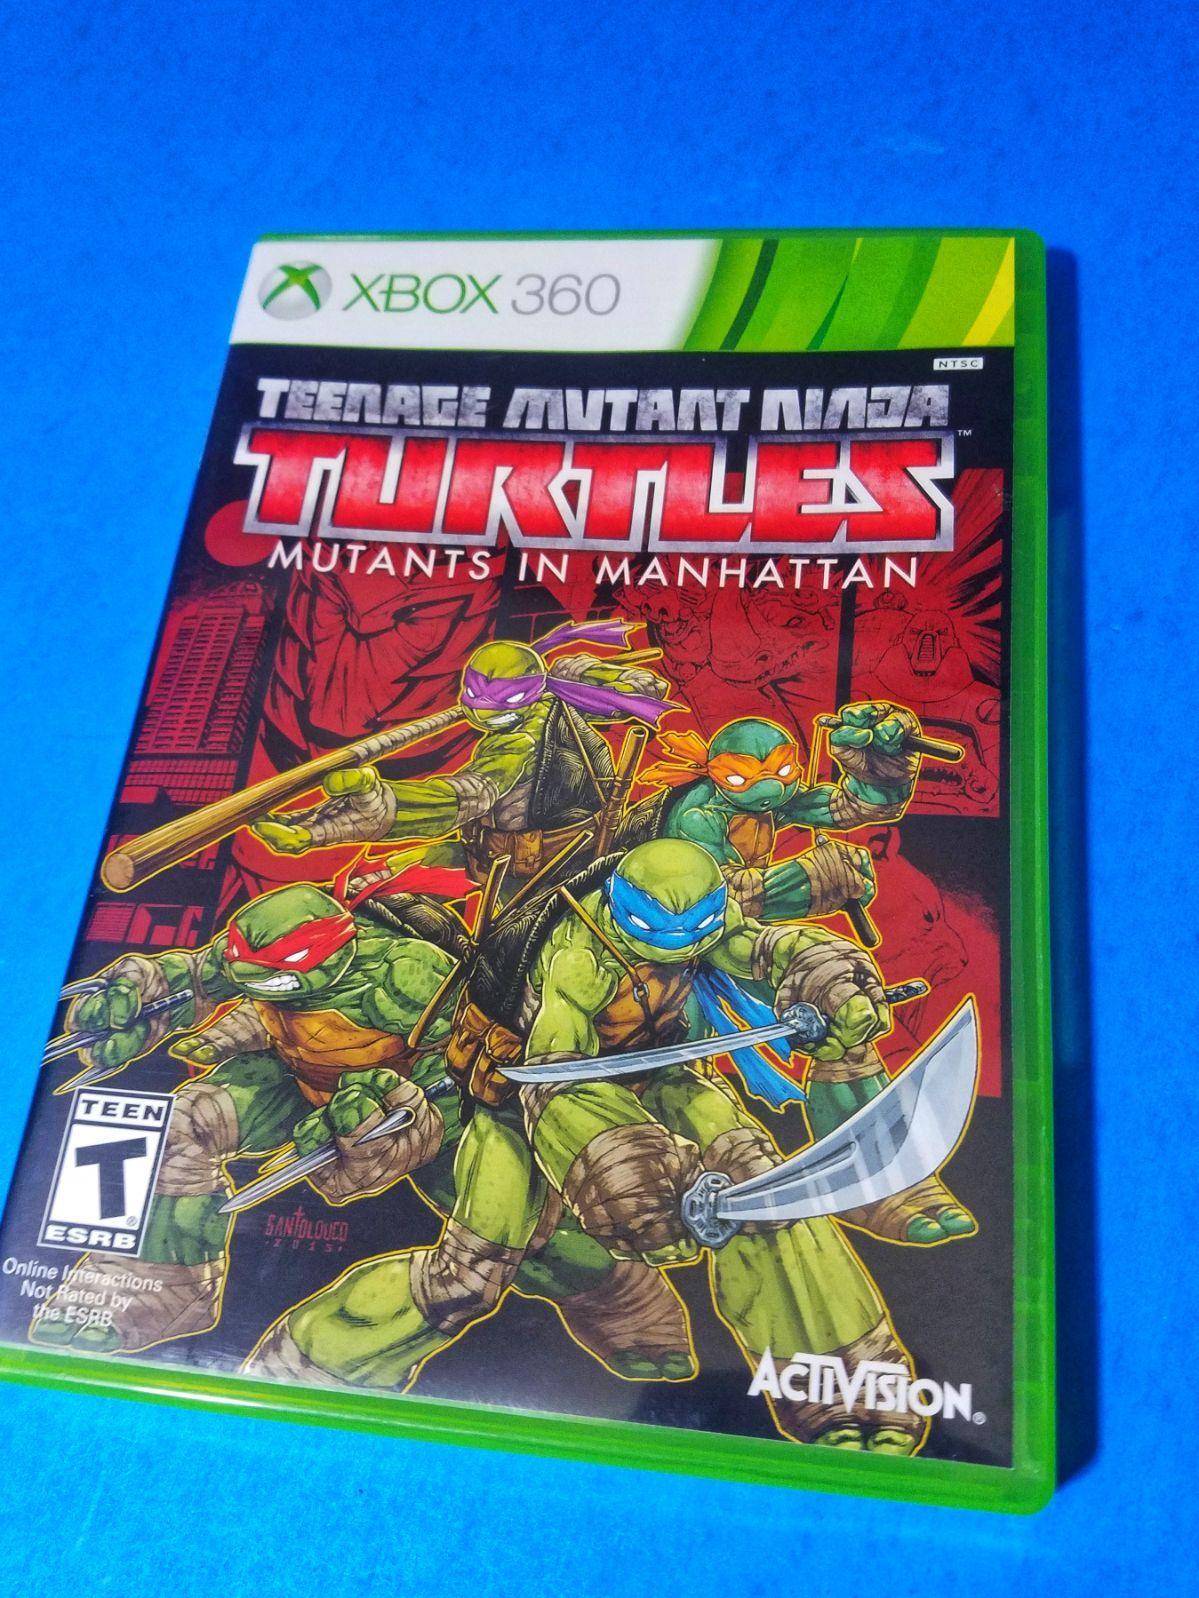 Teenage Mutant Ninja Turtles Mutants In on Mercari